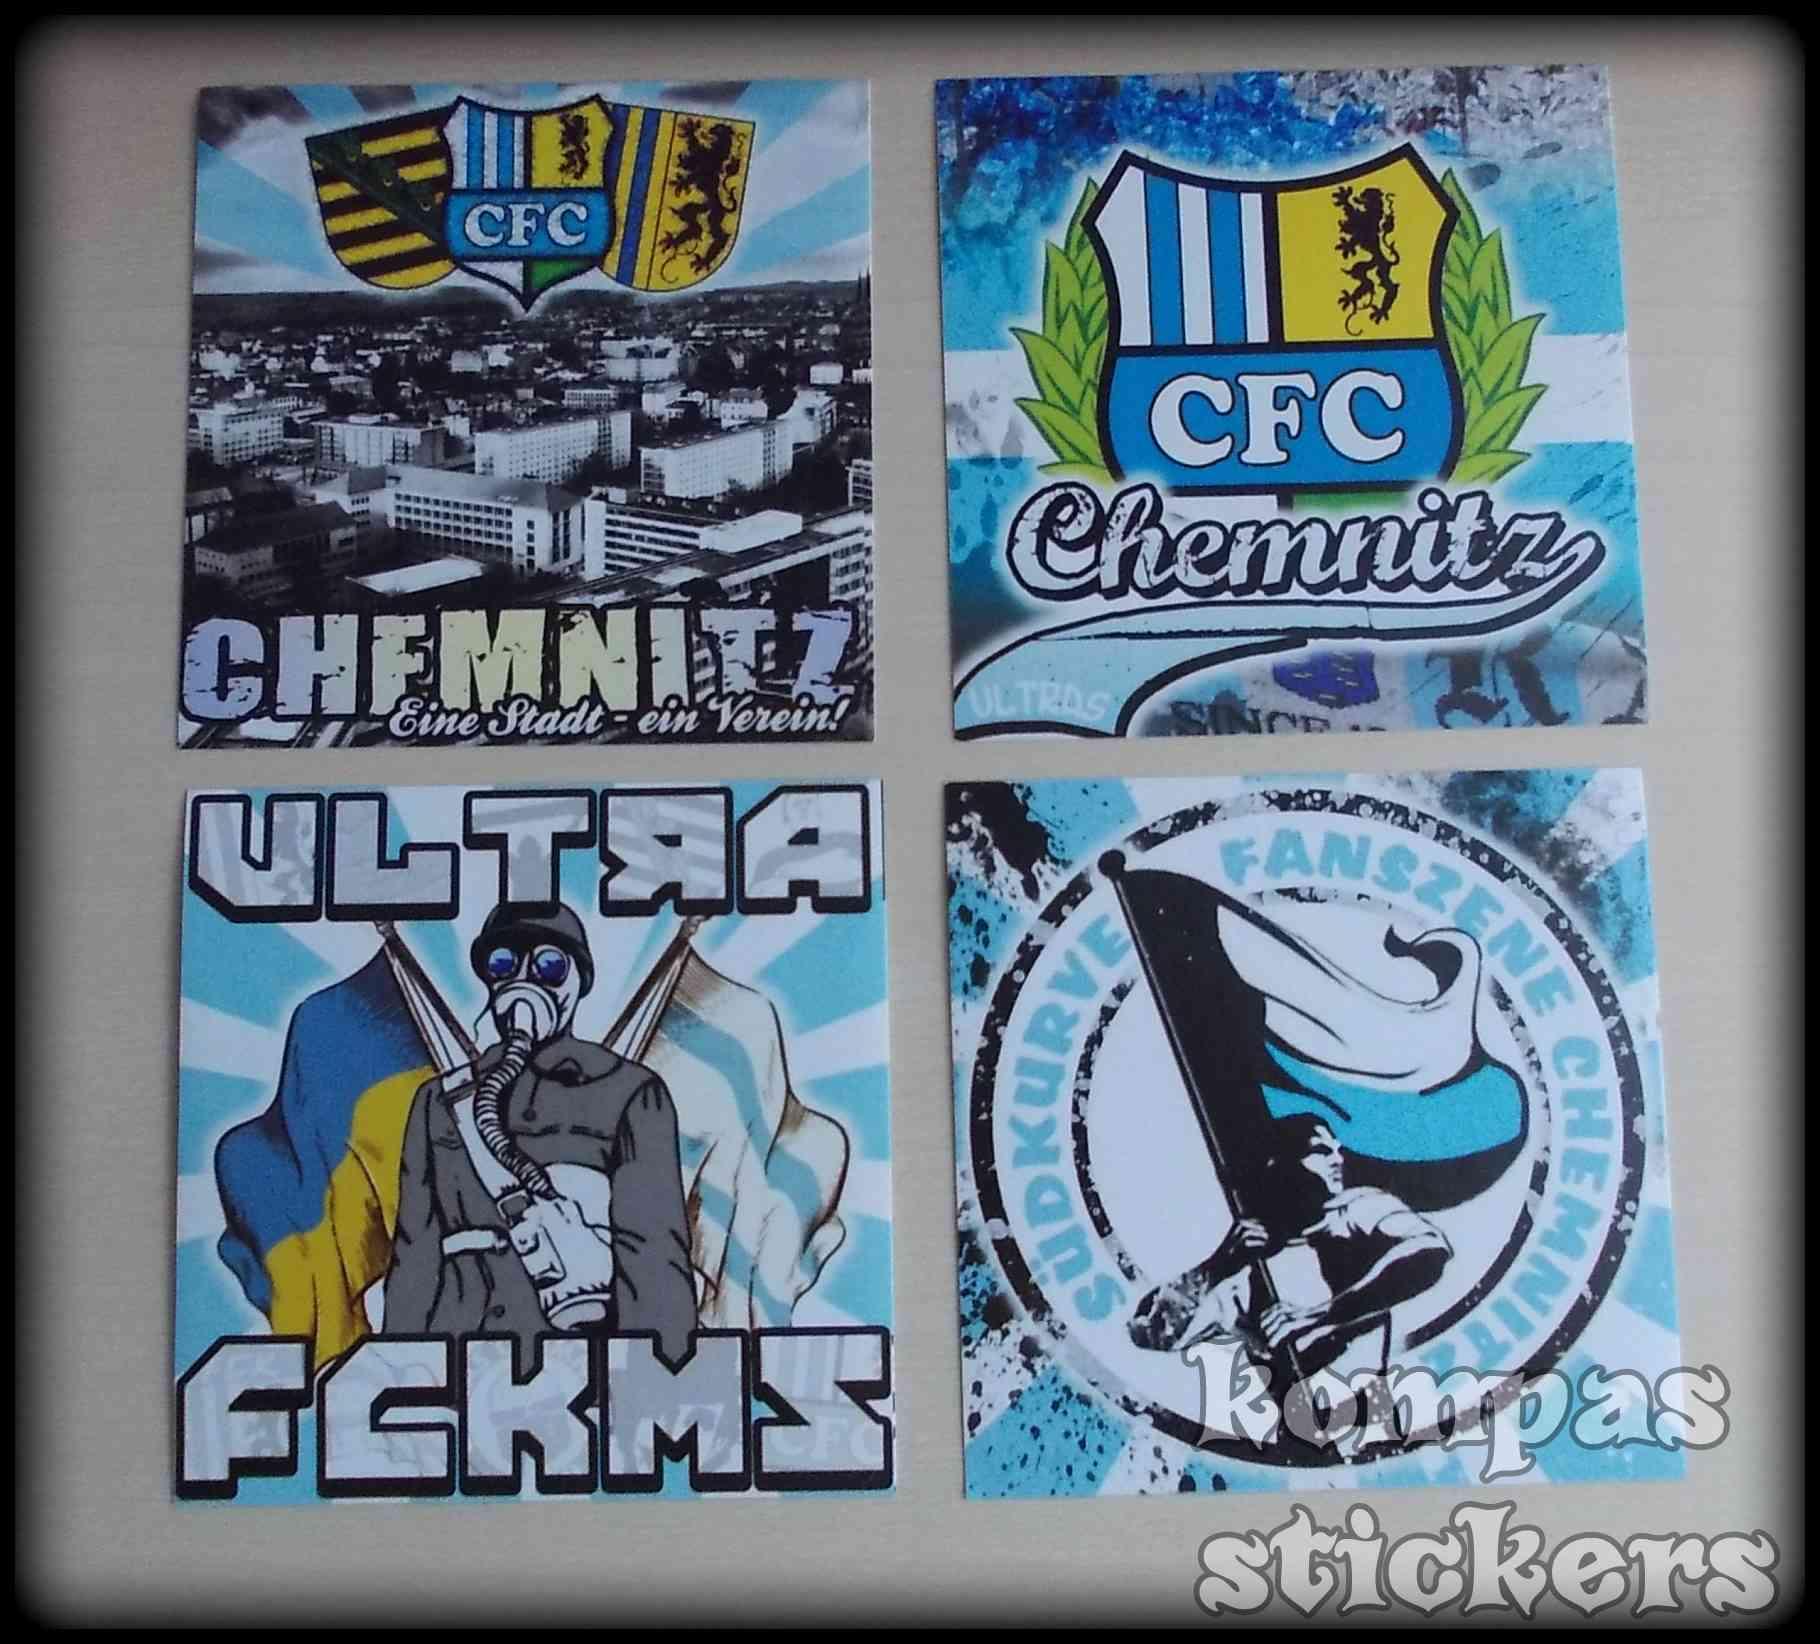 CHEMNITZER Chemni10